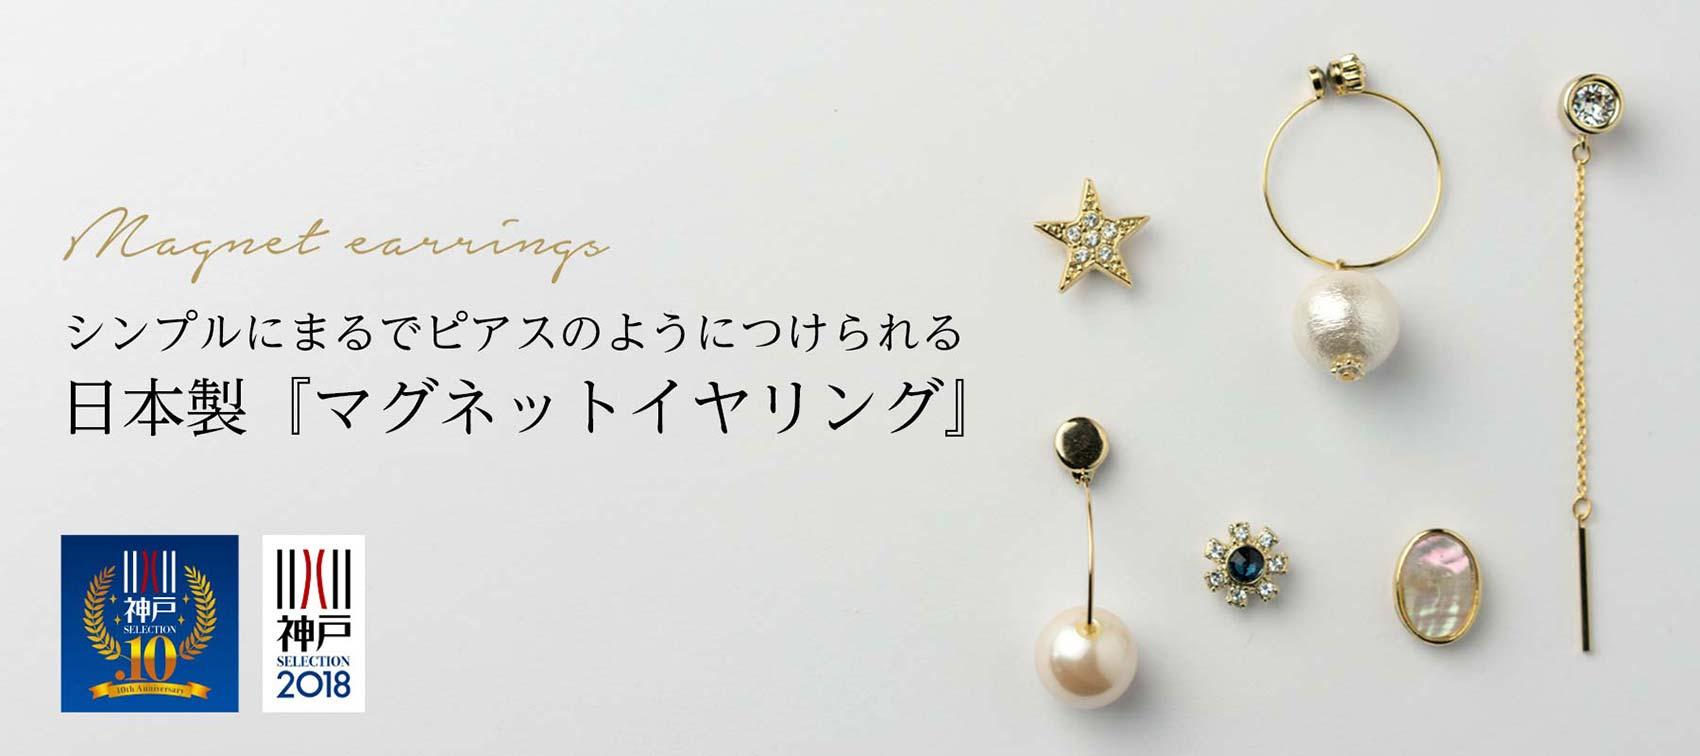 シンプルにまるでピアスのようにつけられる日本製「マグネットイヤリング」